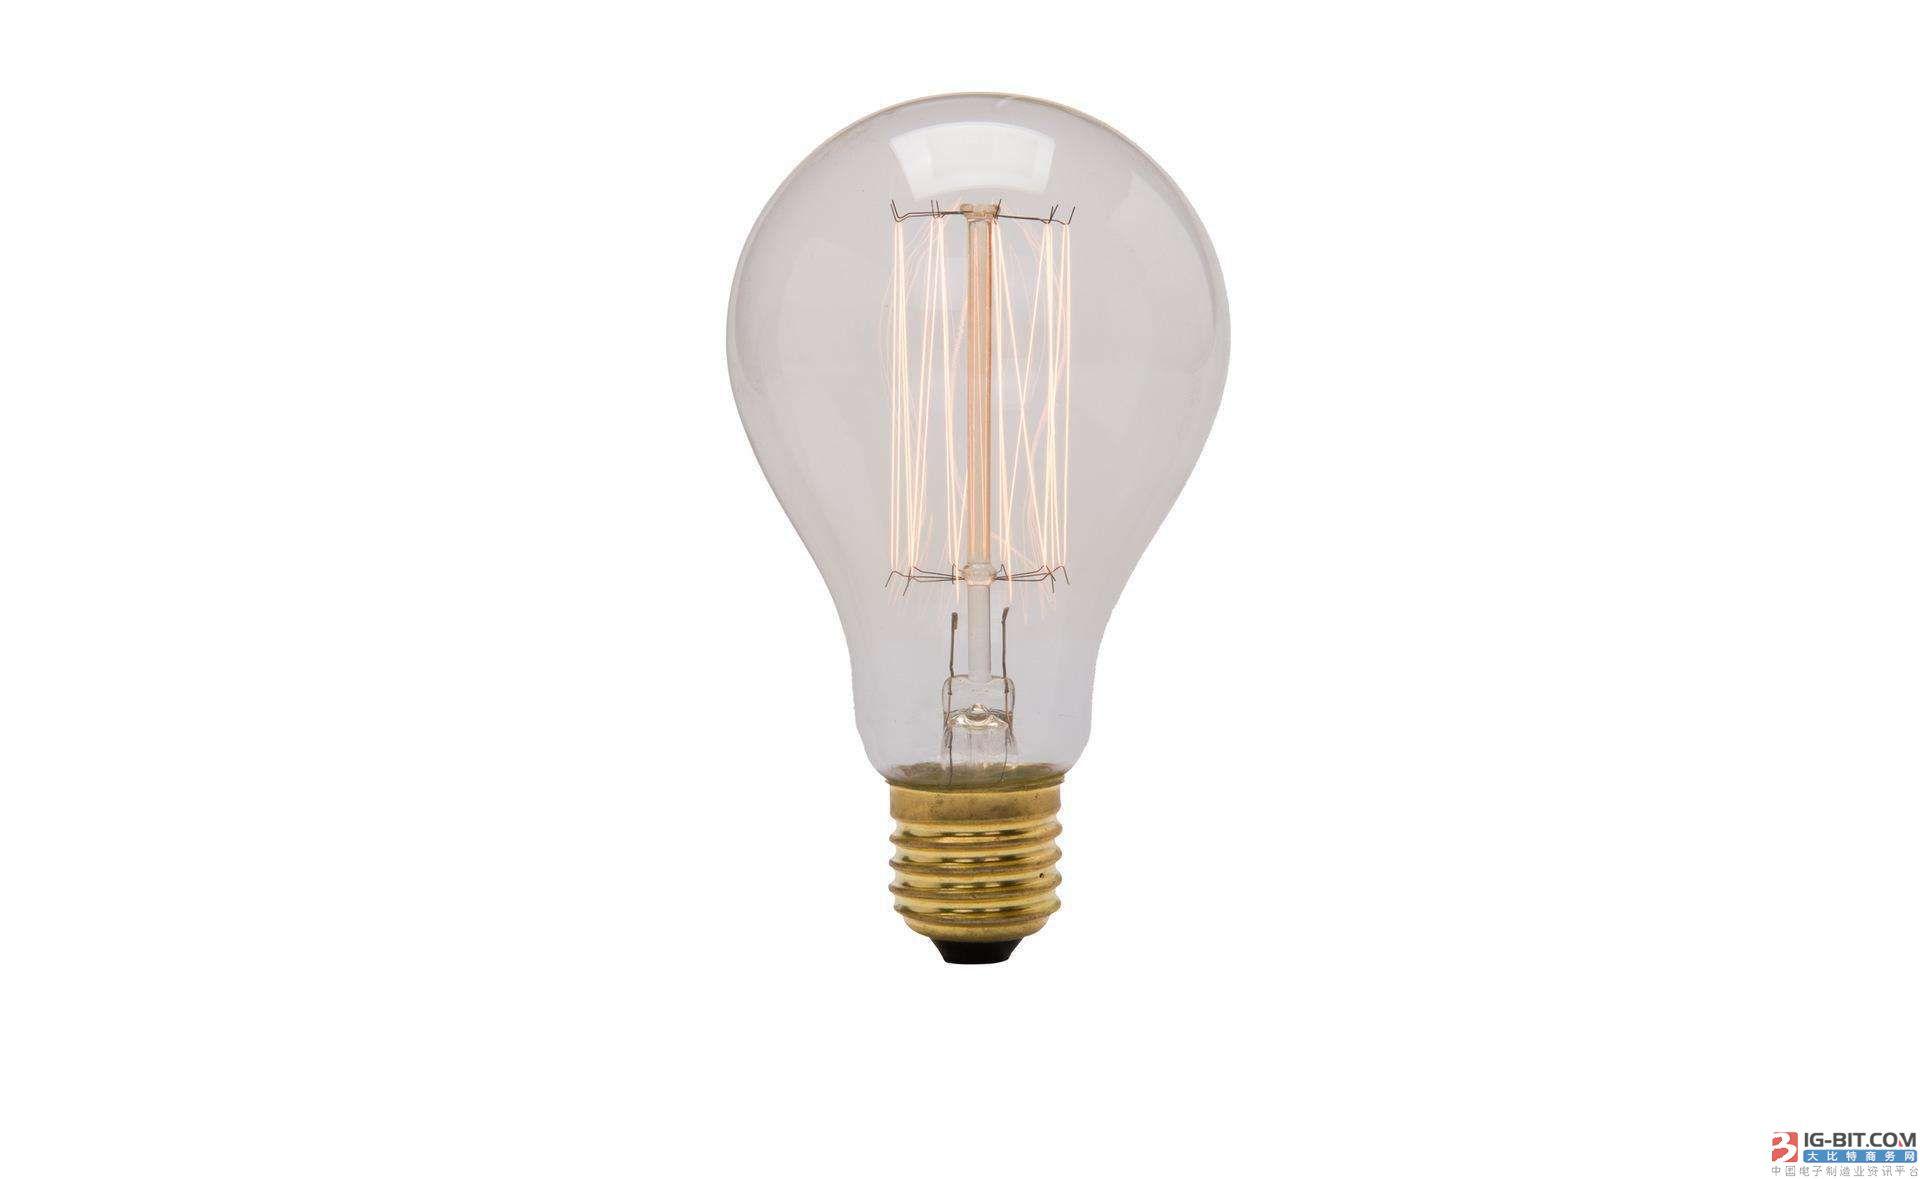 除了低价 LED企业还能靠什么赢得市场